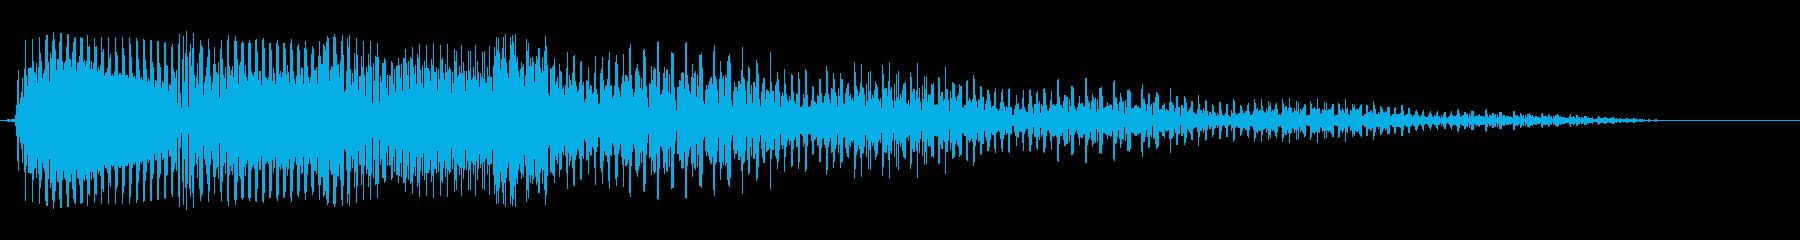 ドドダダ〜ン(淀んだ感じの効果音)の再生済みの波形